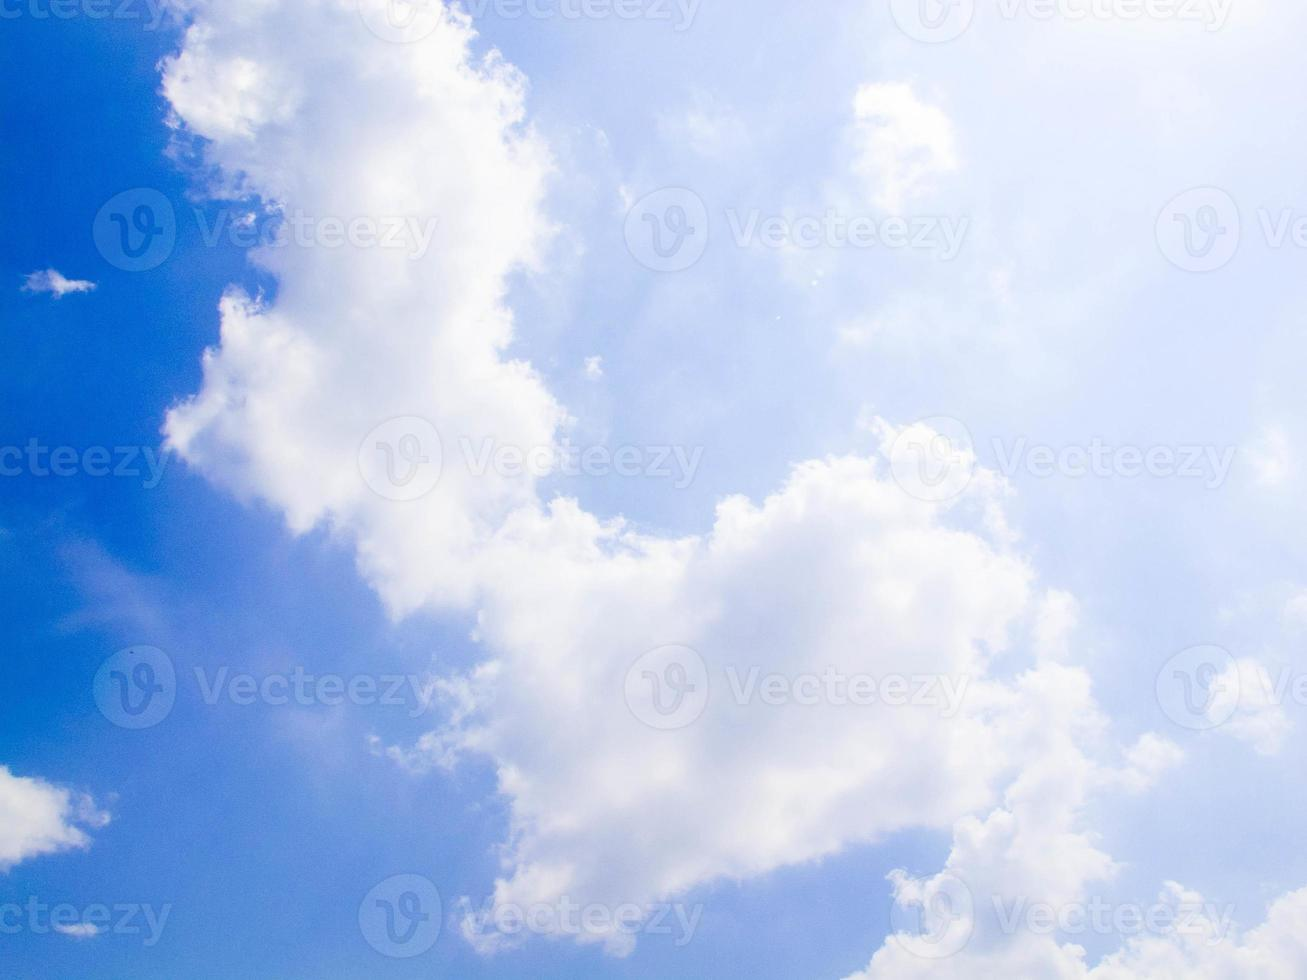 cielo con nubes y sol foto